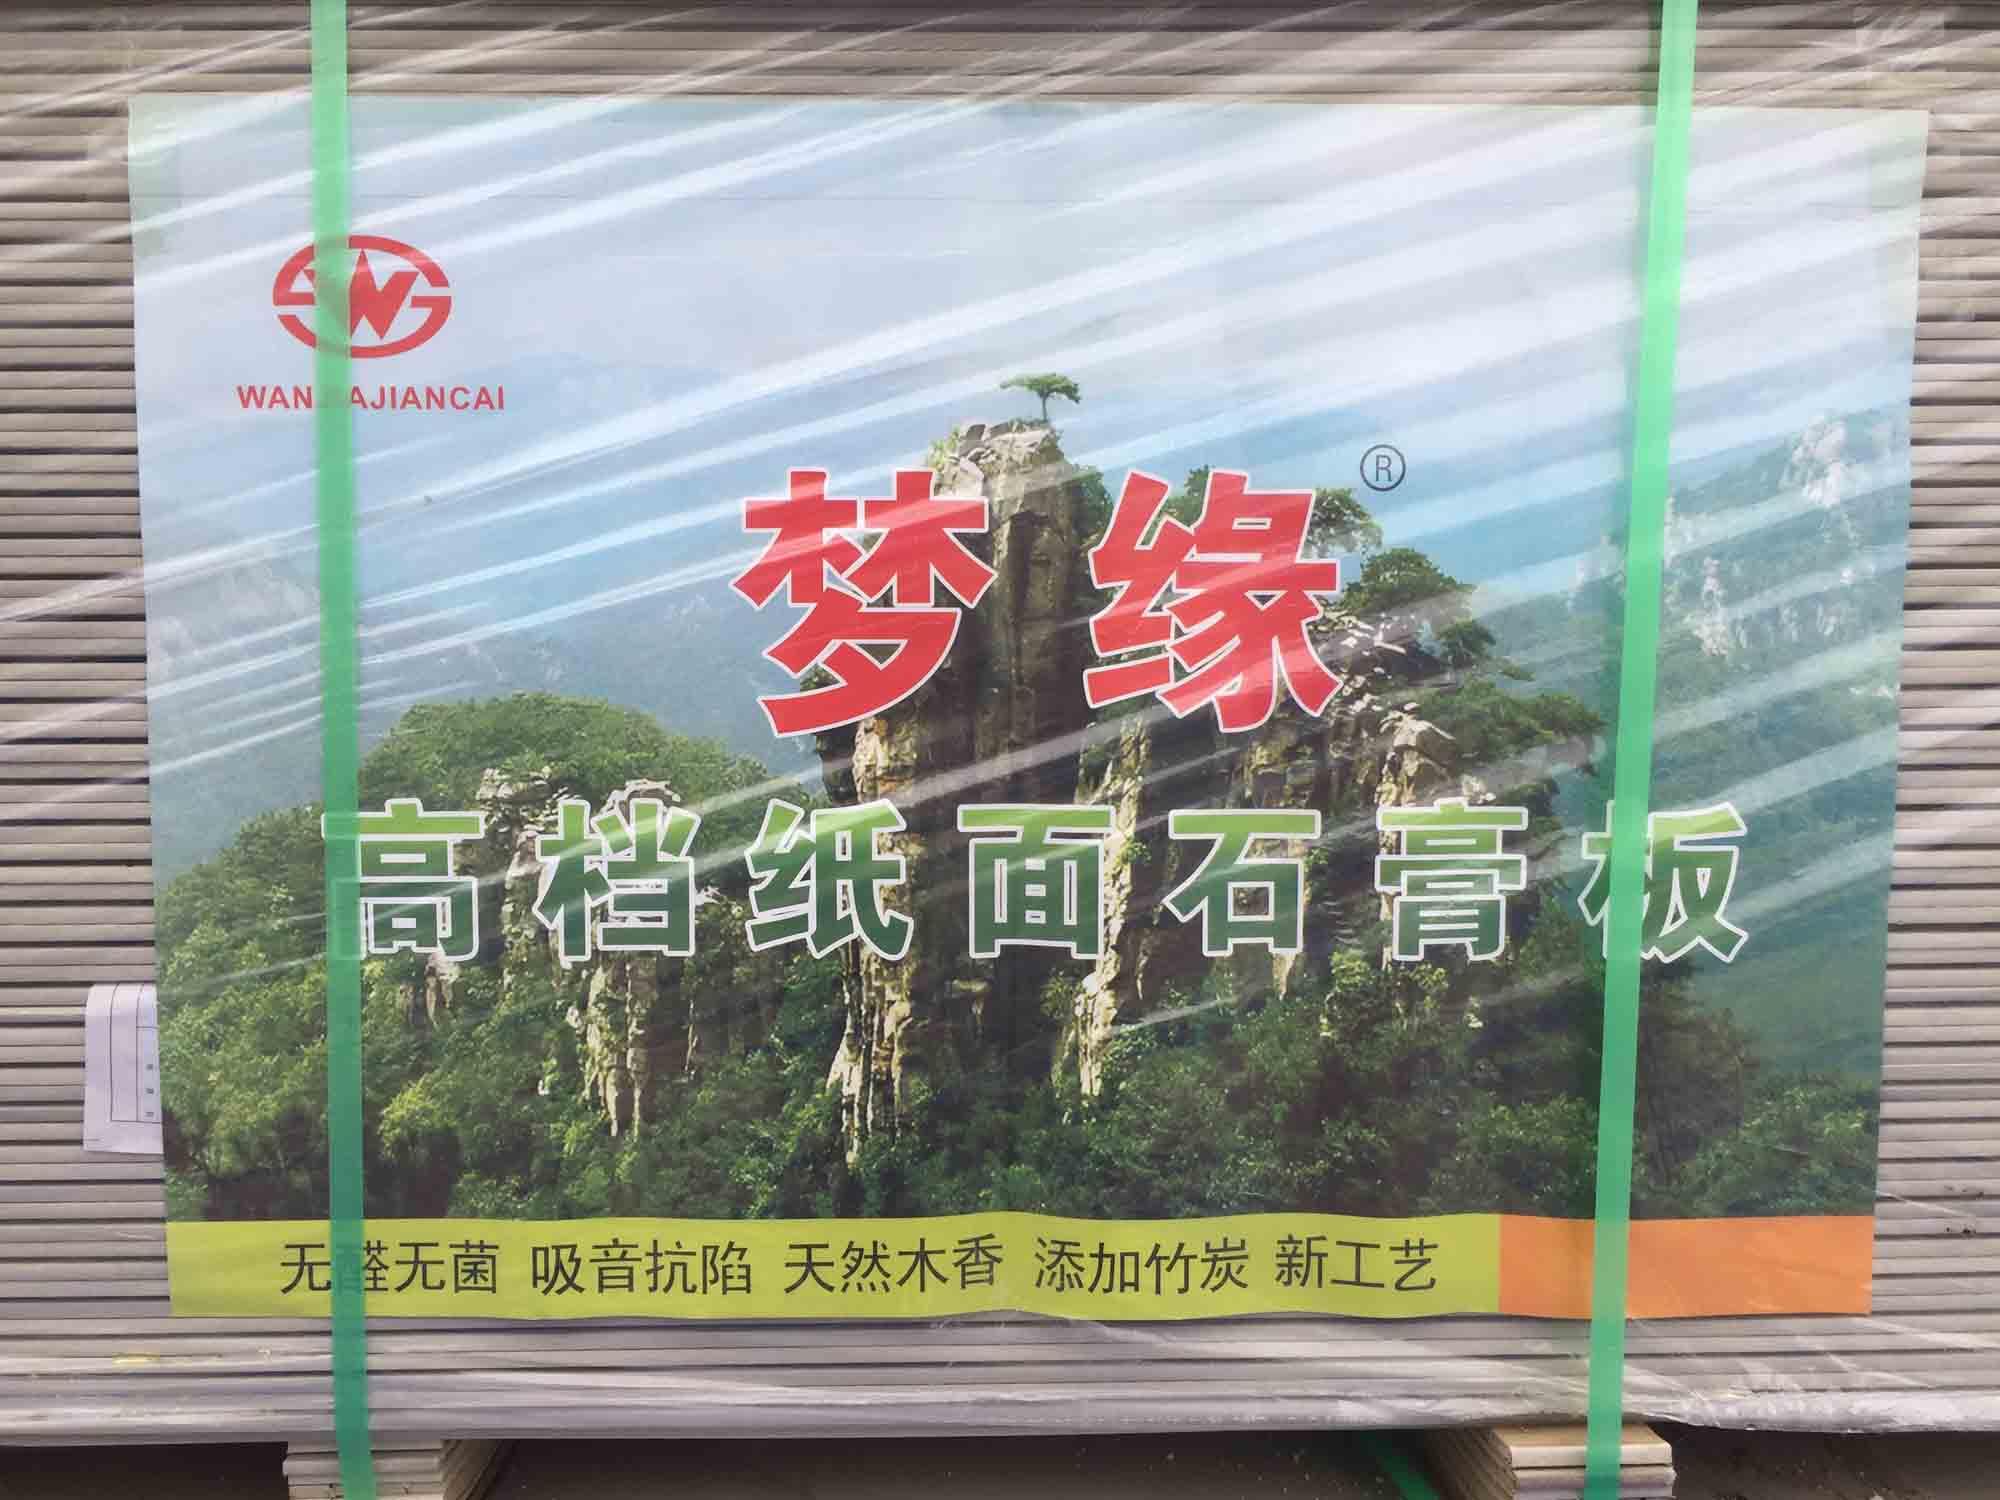 山東菏澤石膏闆廠家_菏澤石膏闆生産廠家_夢緣石膏闆優勢是什麼